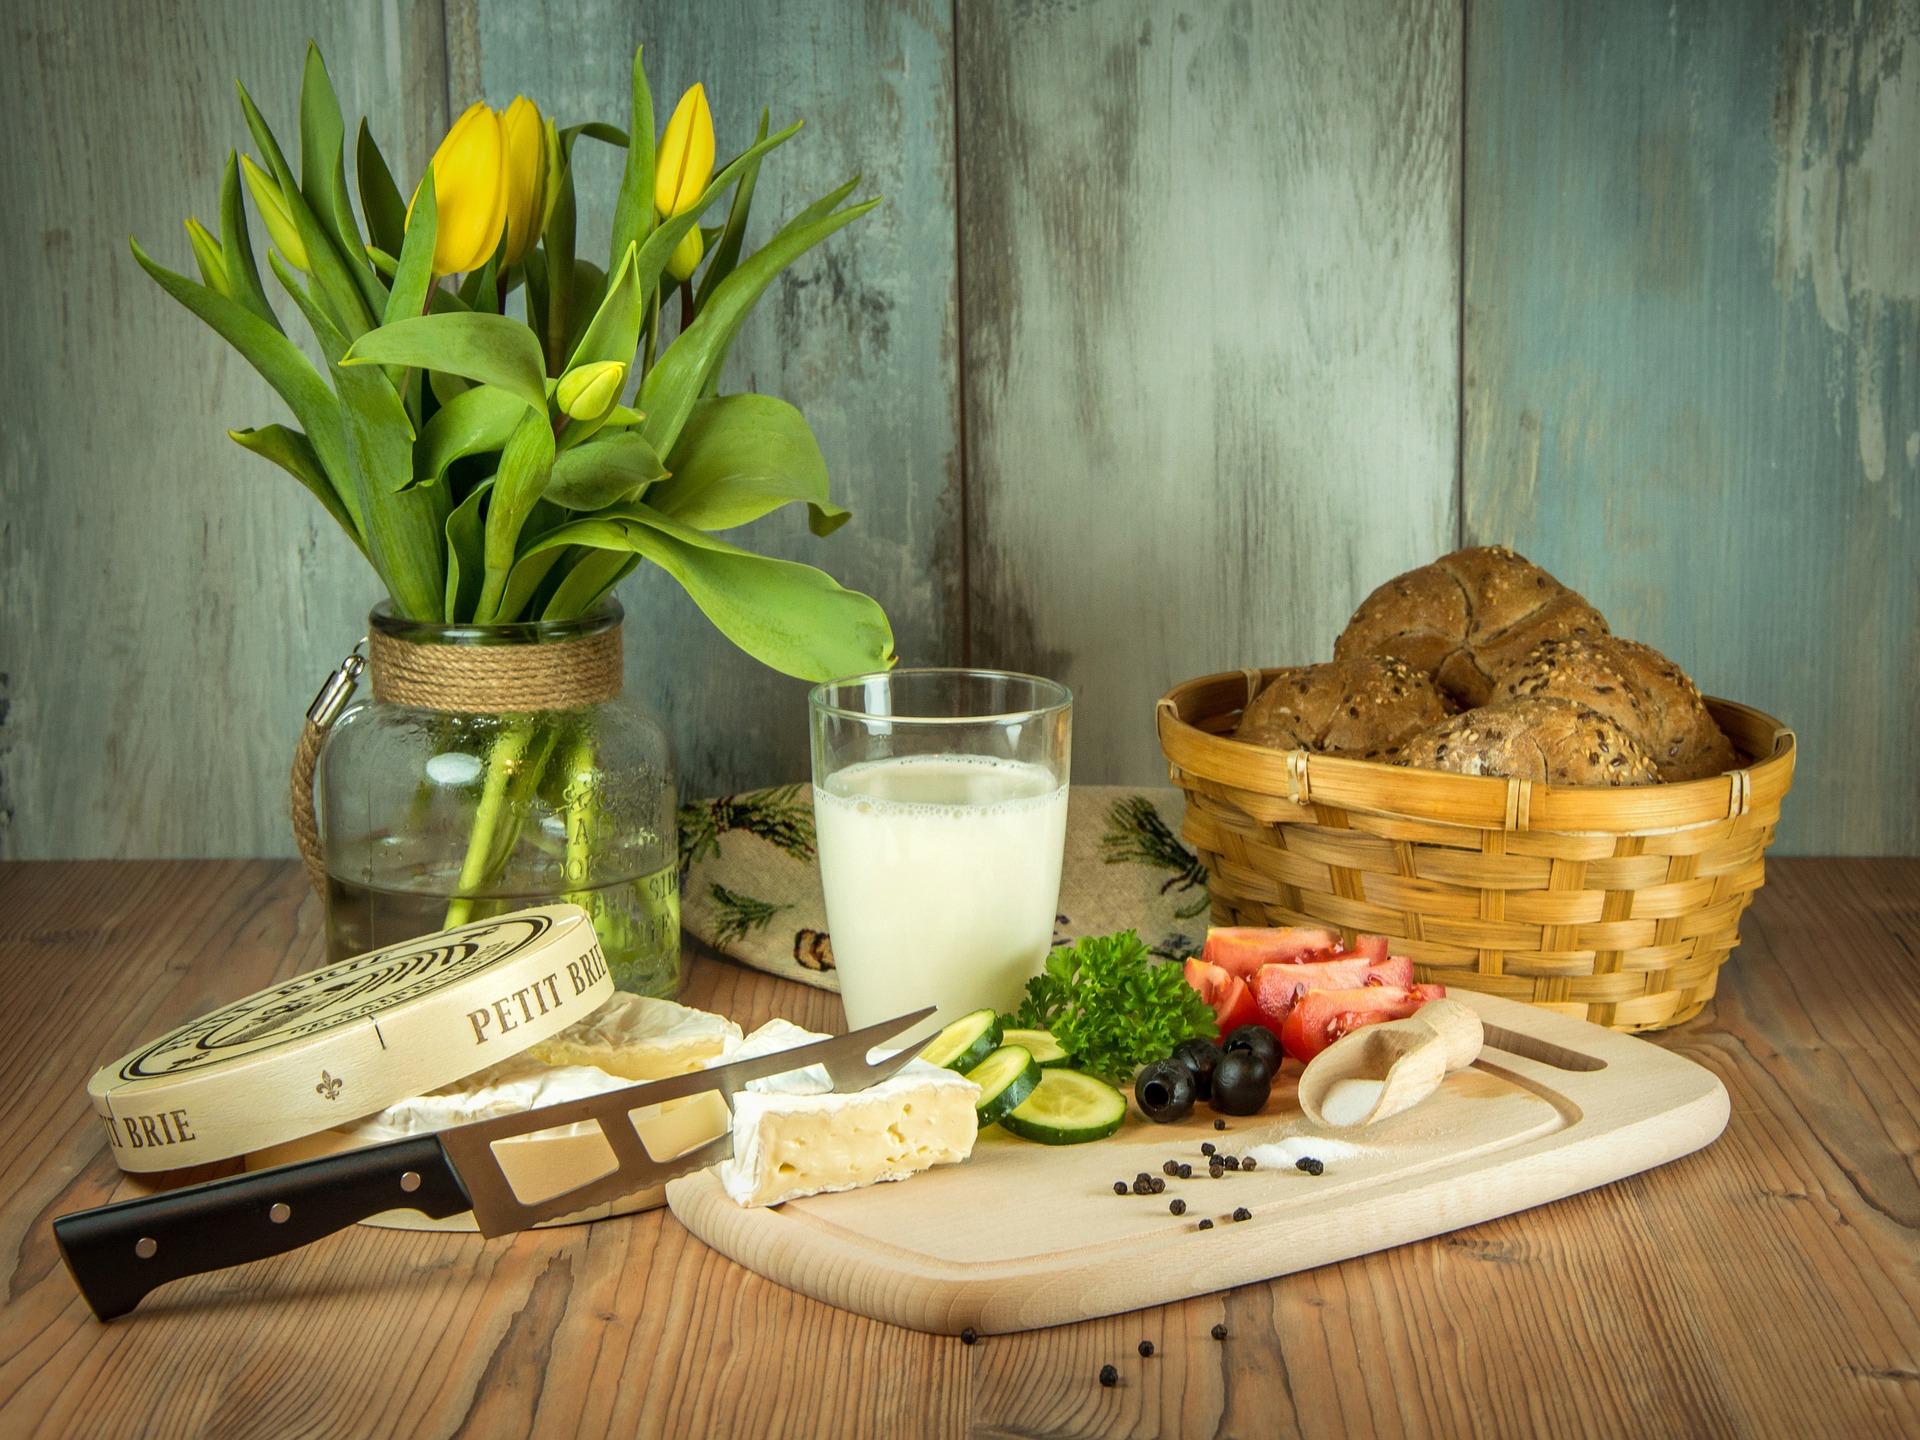 Colazione: dolce o salata? Il consiglio della nutrizionista